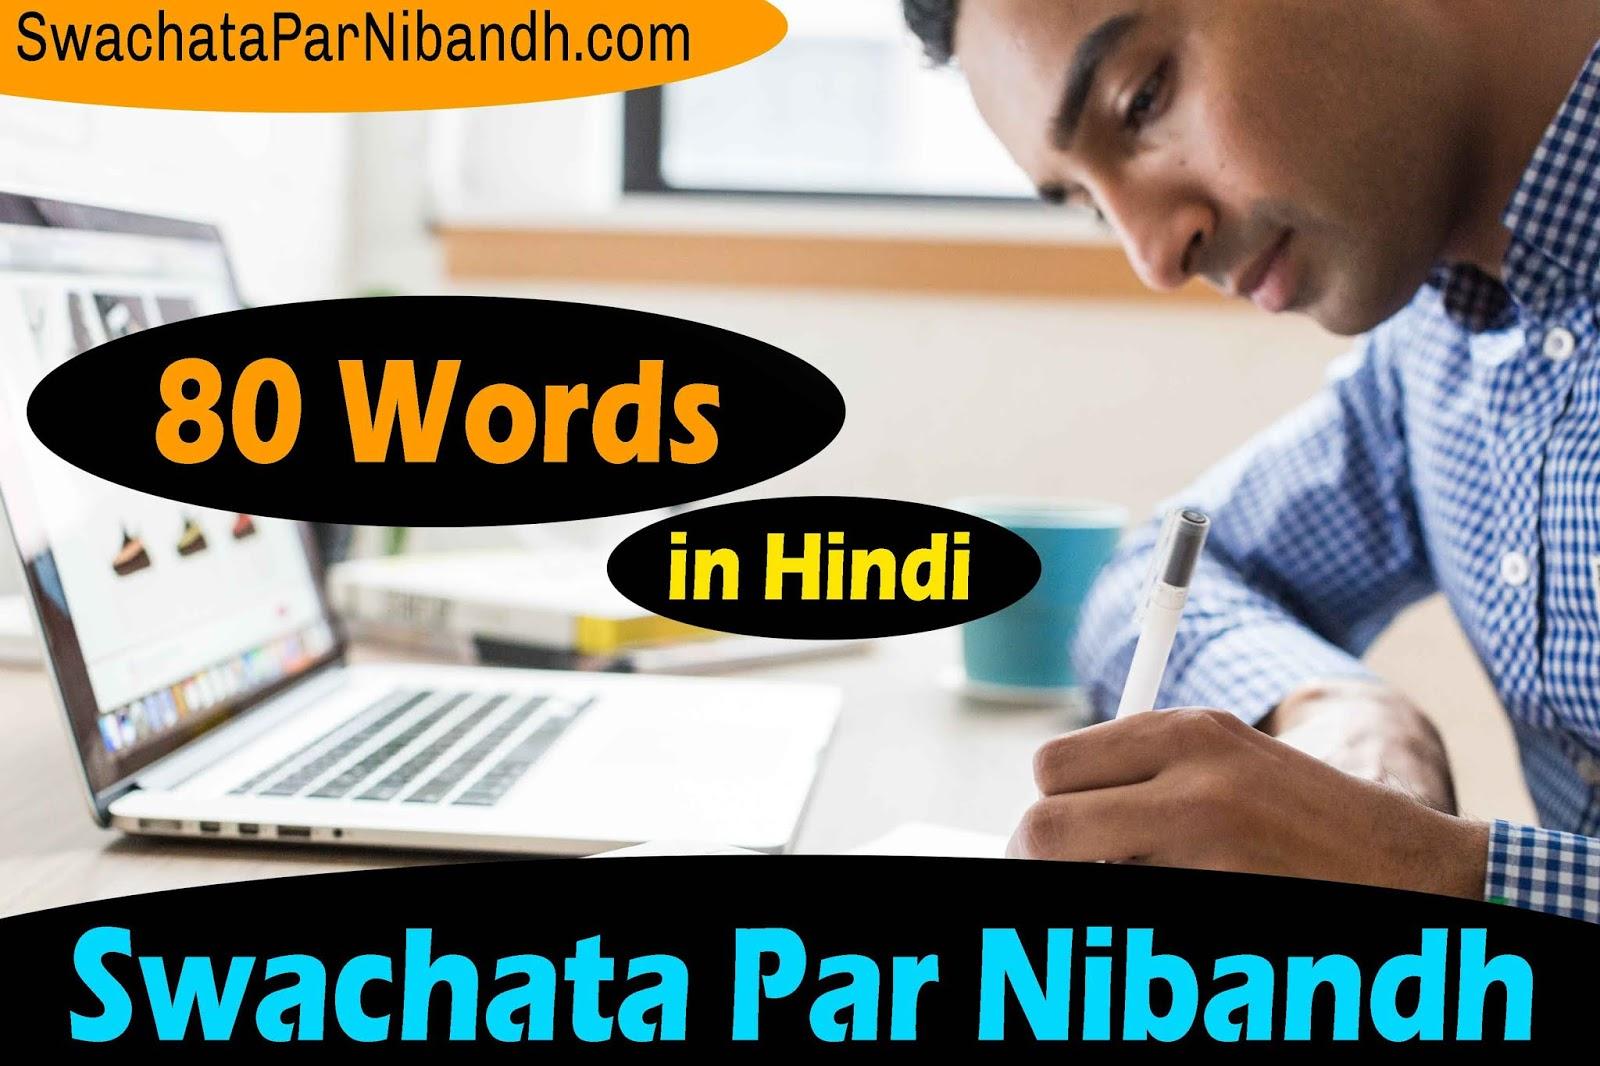 Nibandh on Swachata 80 Words, Swachata Essay In Hindi Pdf, Swachata Par Nibandh 80 Shabd Ka, SwachataParNibandh, स्वच्छता पर निबंध शब्द सीमा- 80 शब्द,